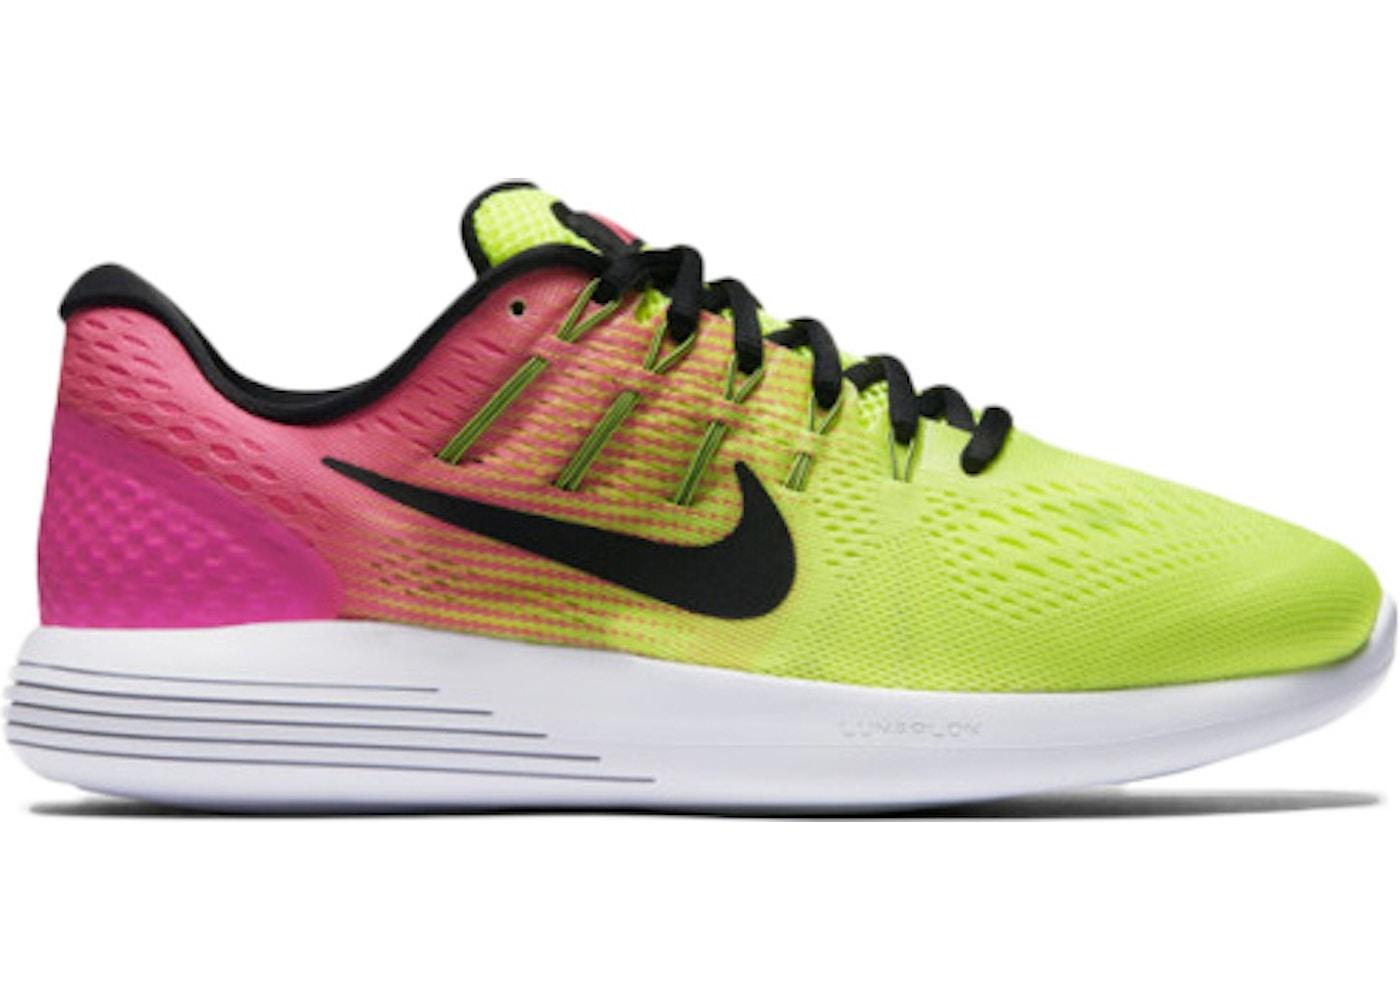 best sneakers 4c744 96757 Nike Lunarglide 8 OC Unlimited (W) - 844633-999